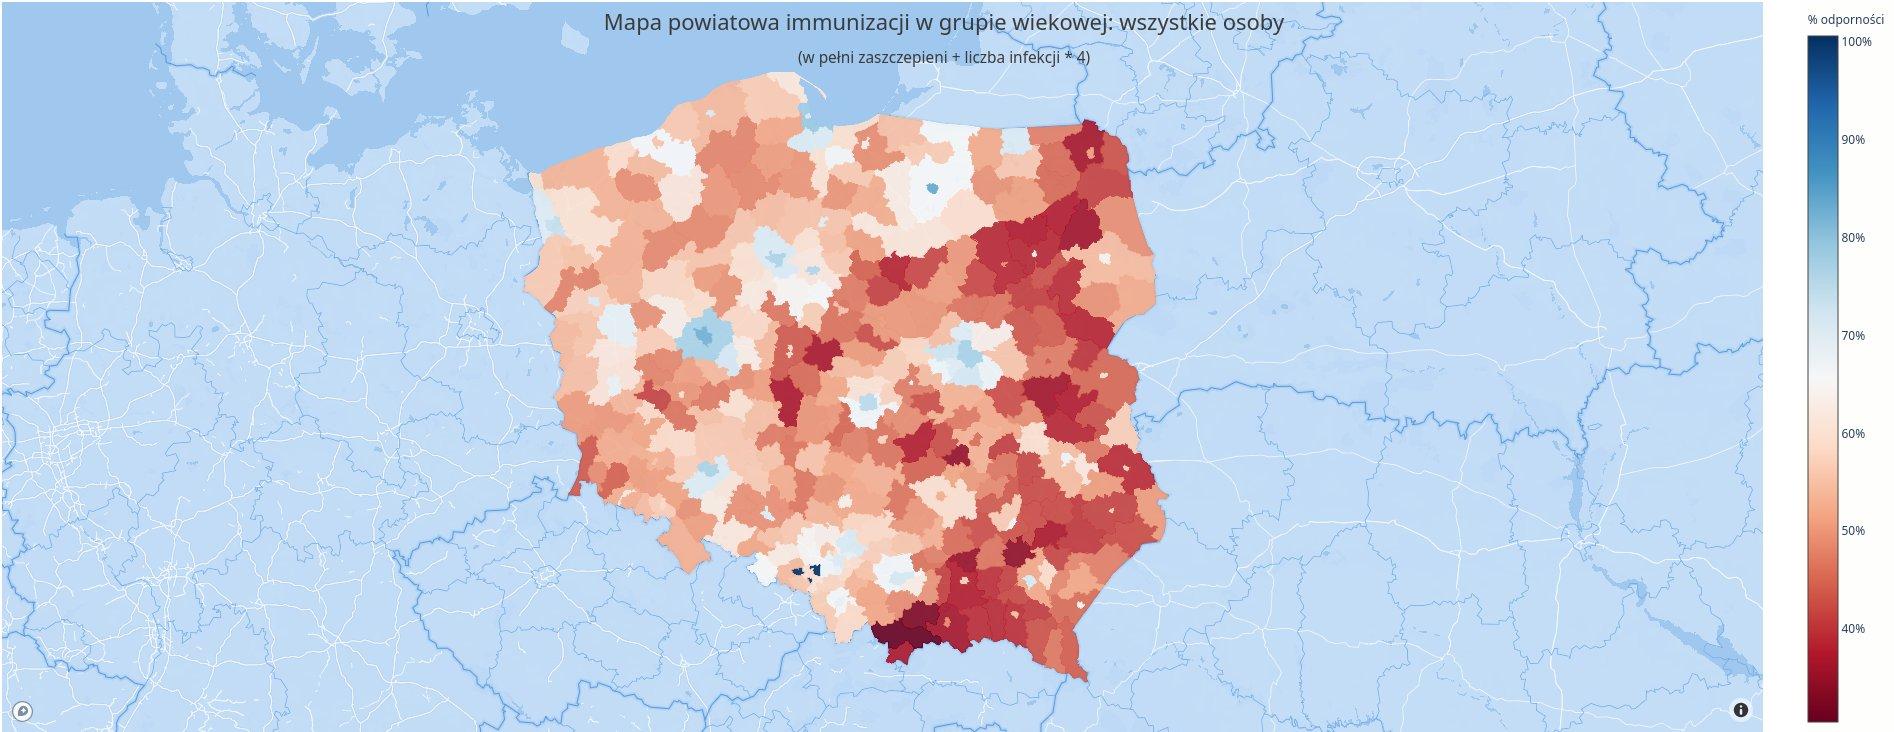 odporność populacyjna w PL